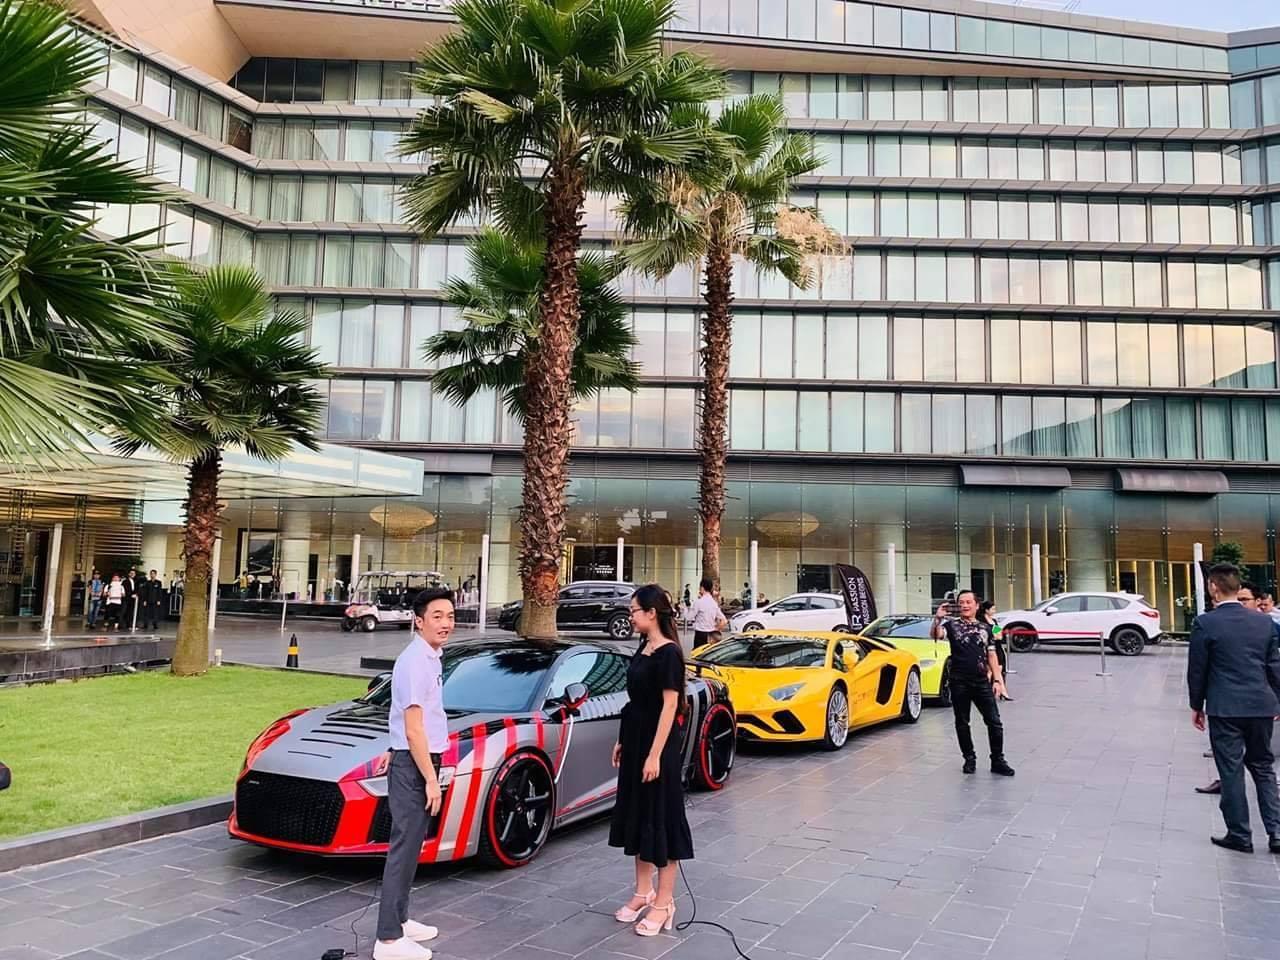 Cường Đô la chở vợ trên siêu xe 14 tỷ phượt cùng 'hội mê tốc độ 330 tỷ' tại Hà Nội - 1